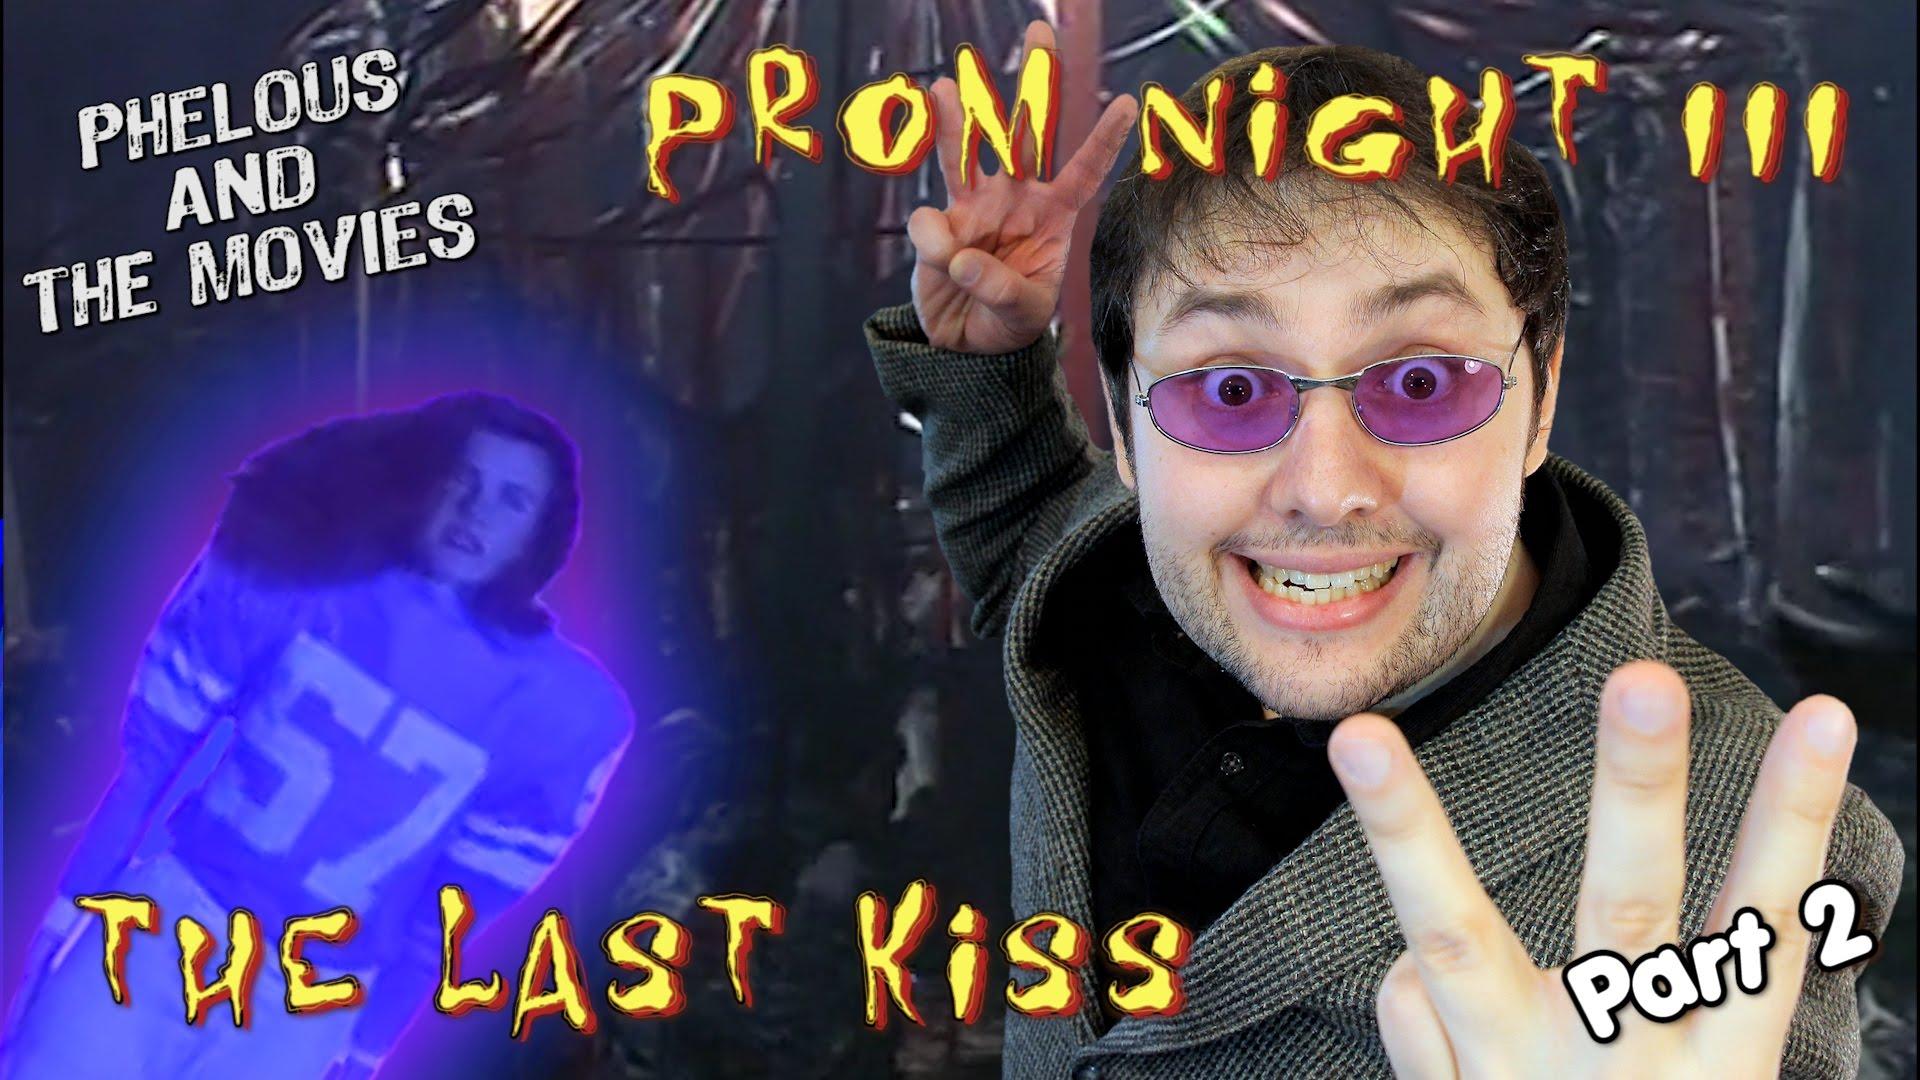 Prom Night 3: The Last Kiss Part 2